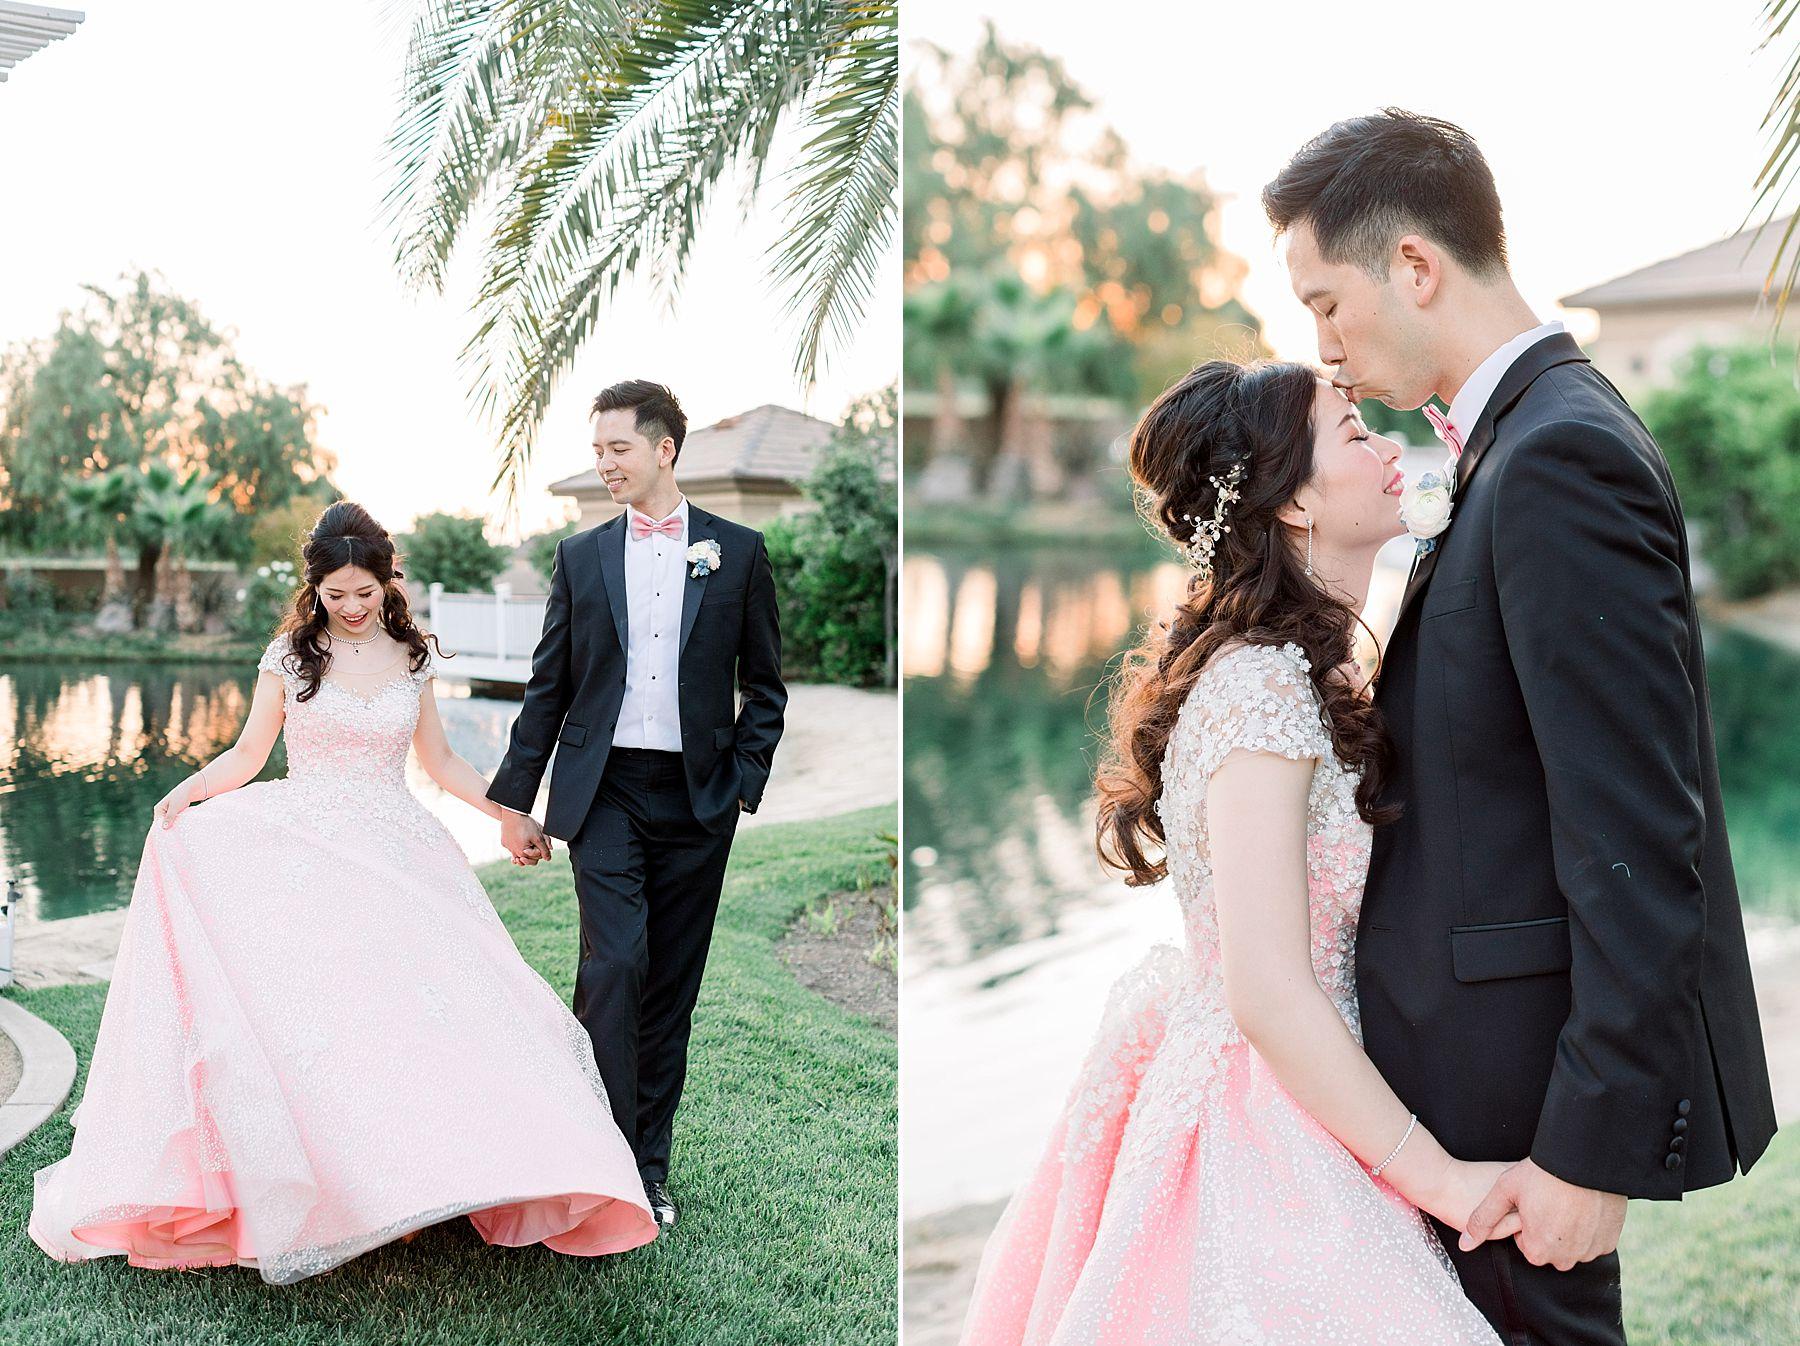 Newberry Estate Vineyards Wedding - Ashley Baumgartner - Jasmine and Johhny - Bay Area Wedding Photographer - Sacramento Wedding Photographer_0045.jpg